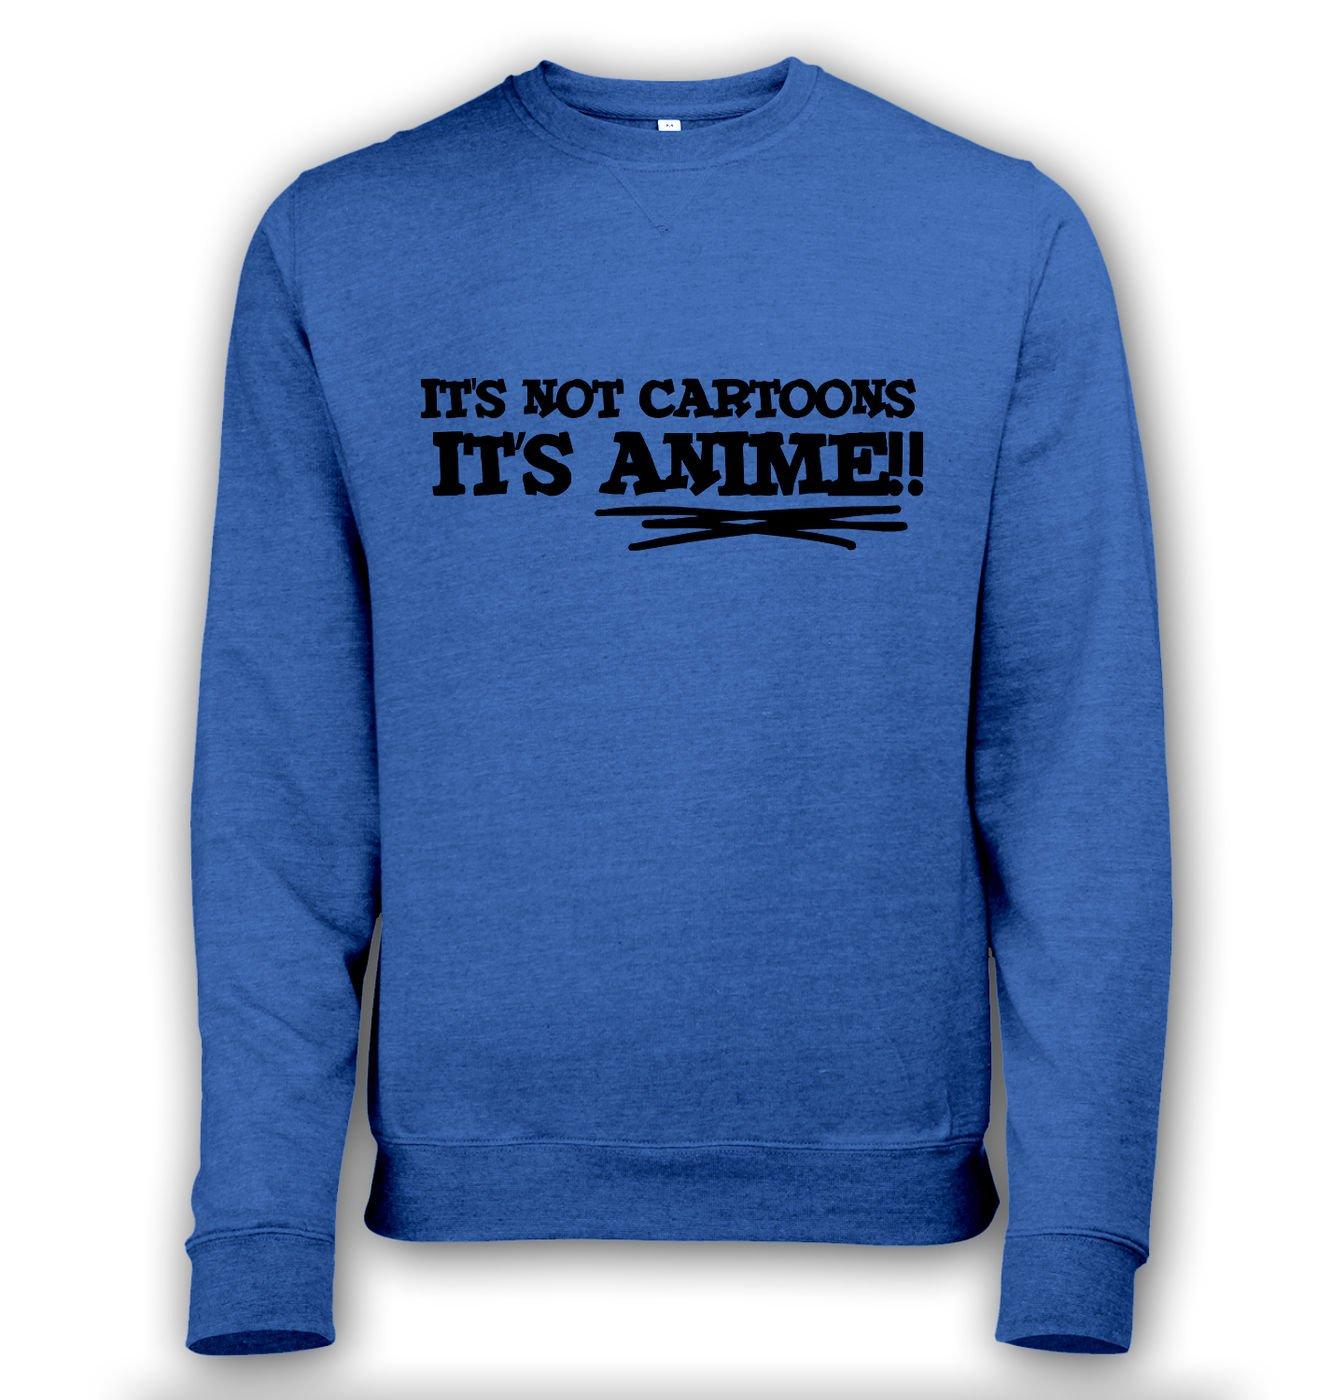 It's Not Cartoons! men's heather sweatshirt